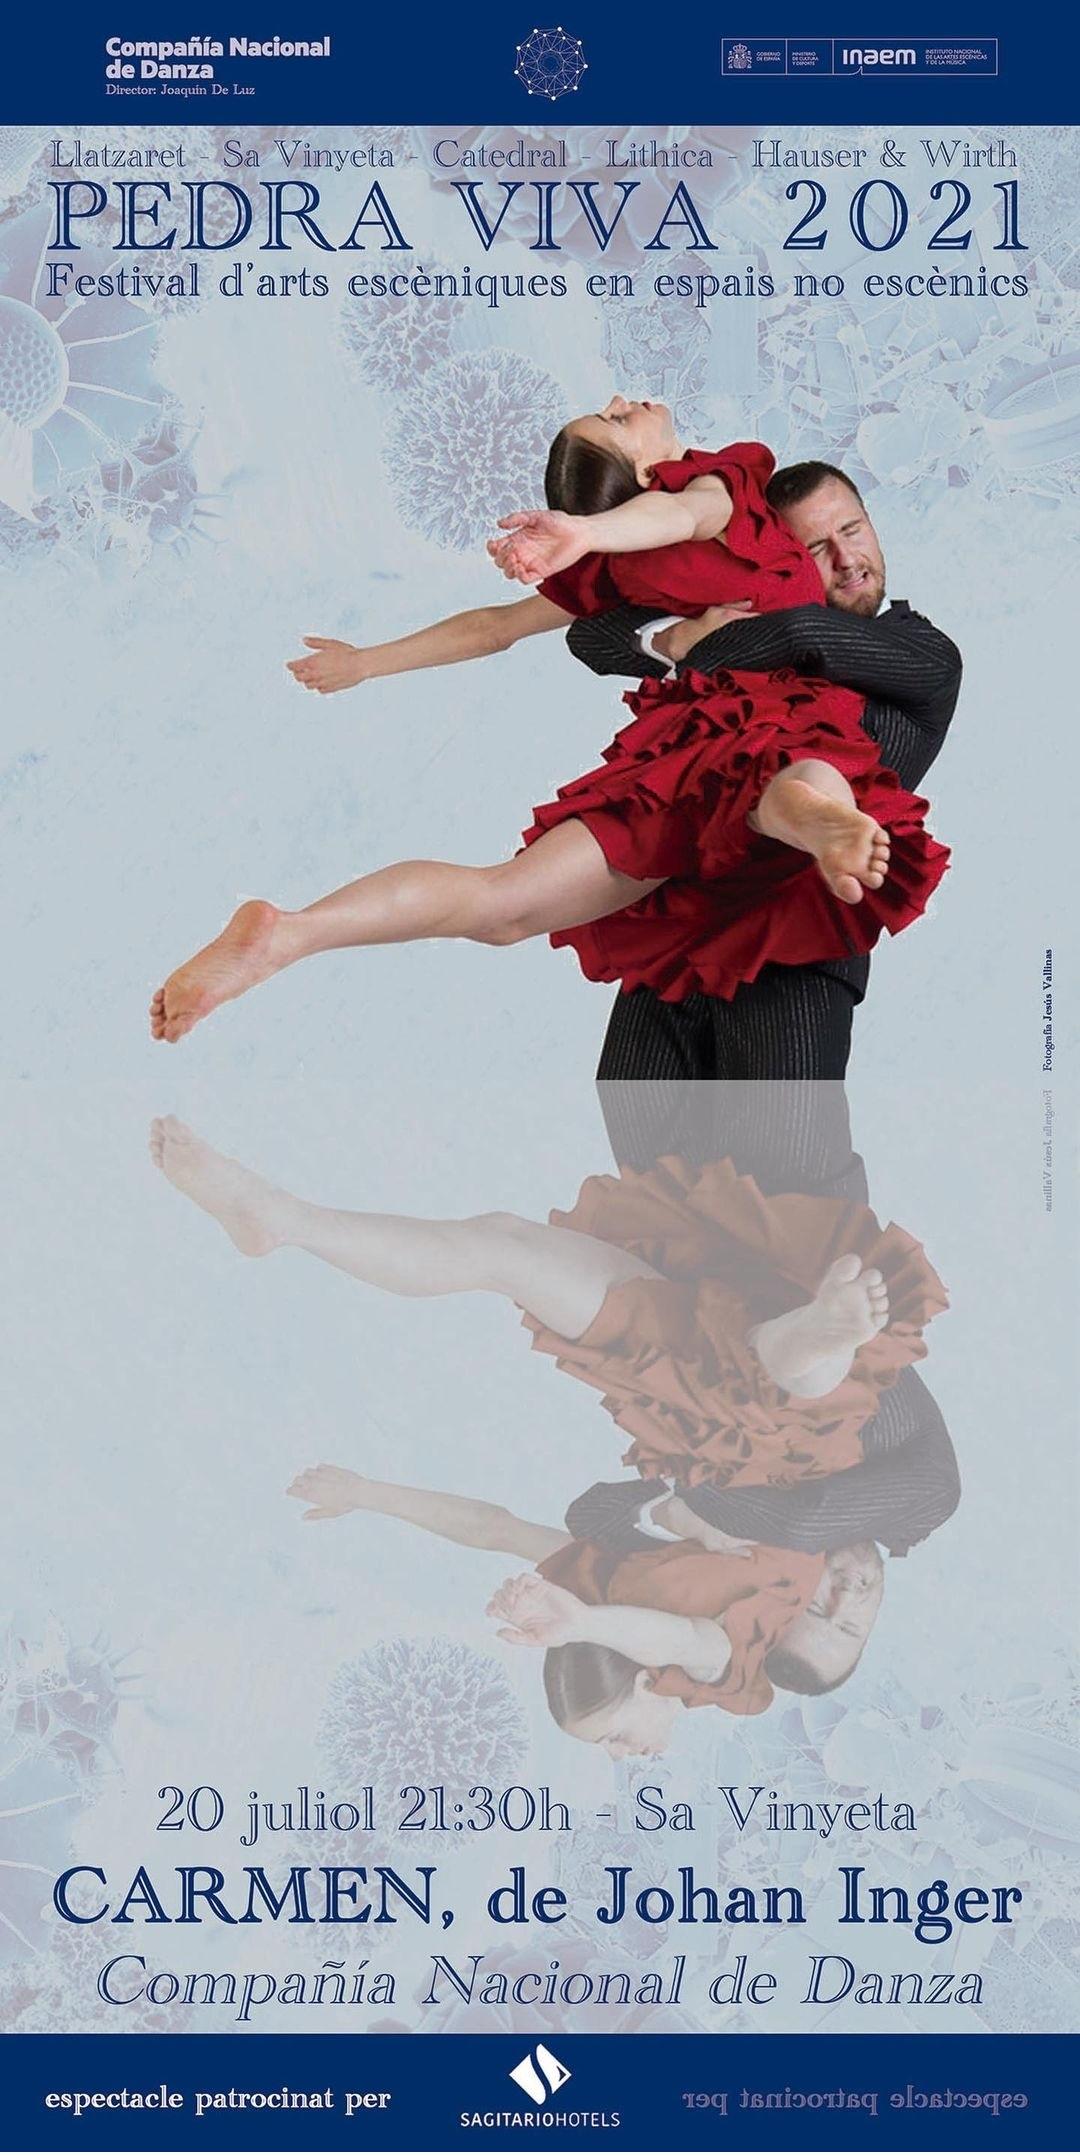 Carmen, de Johan Inger Compañía Nacional de Danza